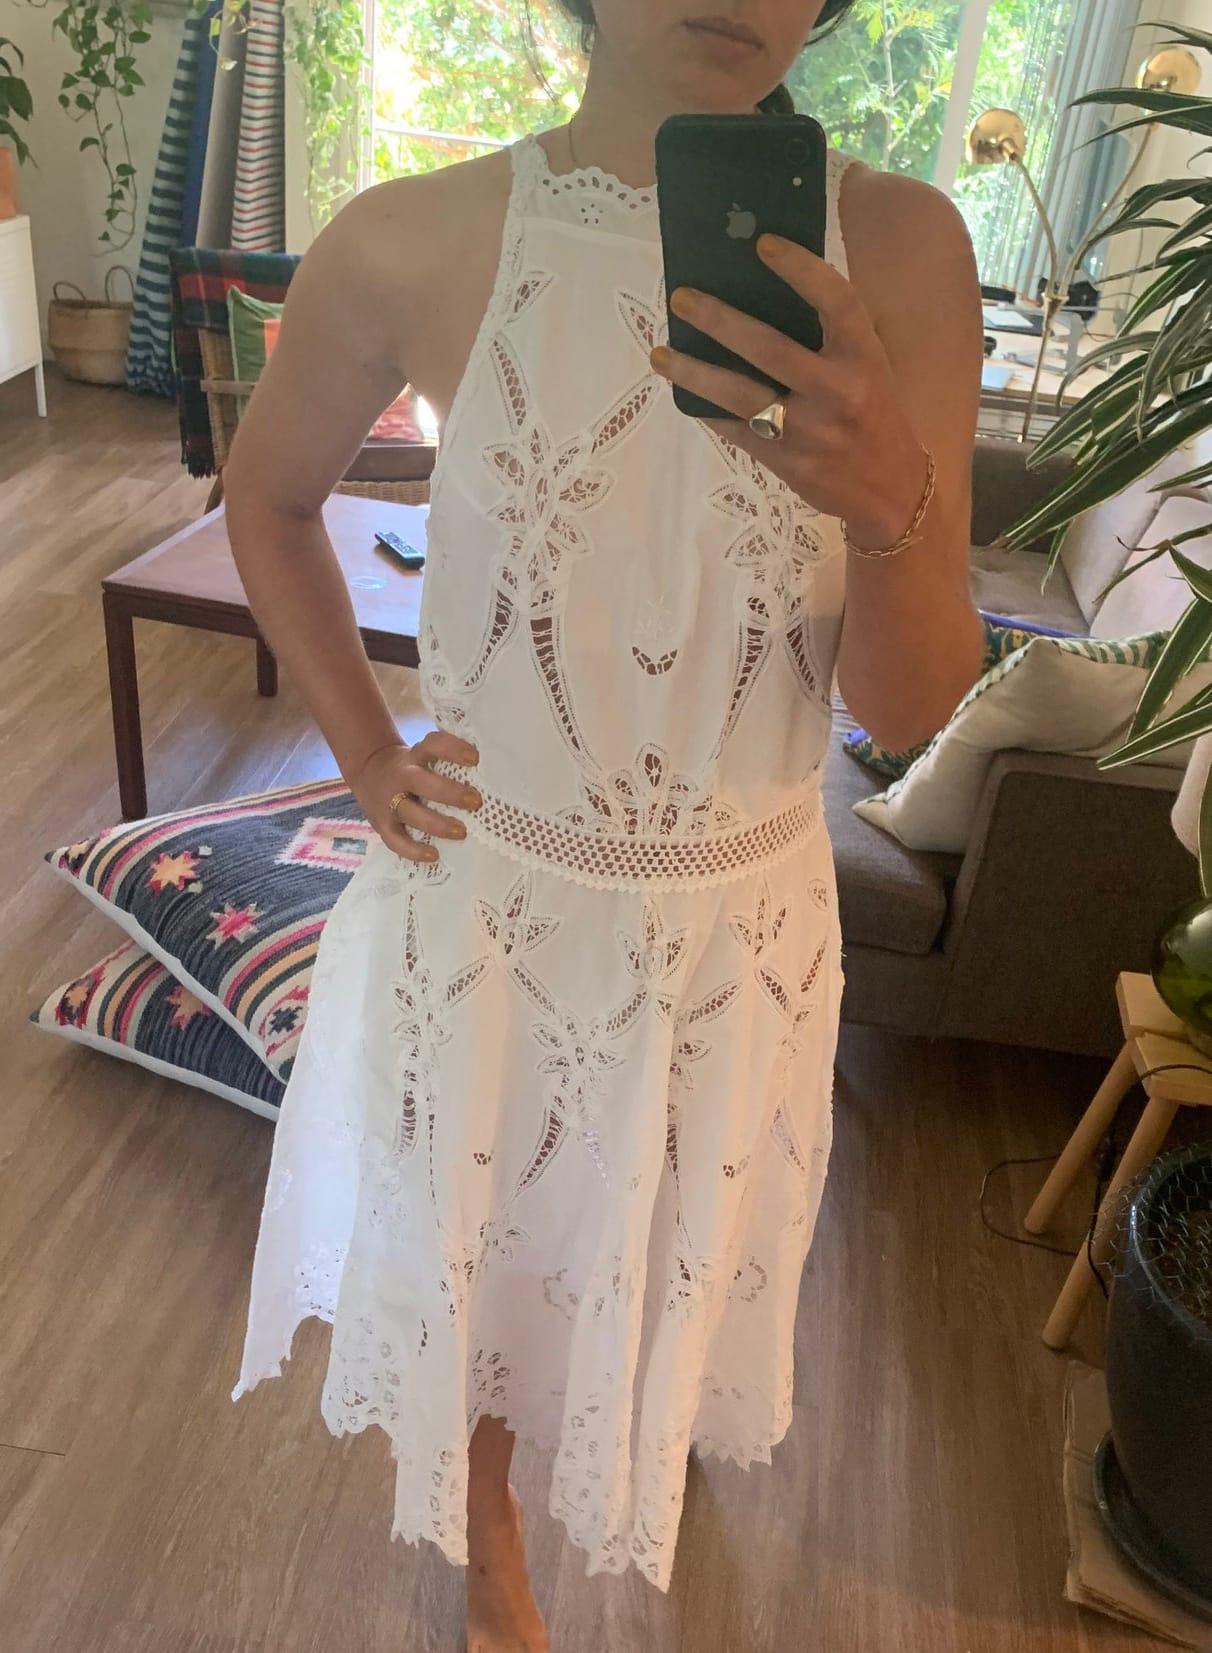 80's Vintage Lim's Antique Battenberg Lace & Hand Embroidery White Midi Dress - Antique Lace wedding Dress - Size M